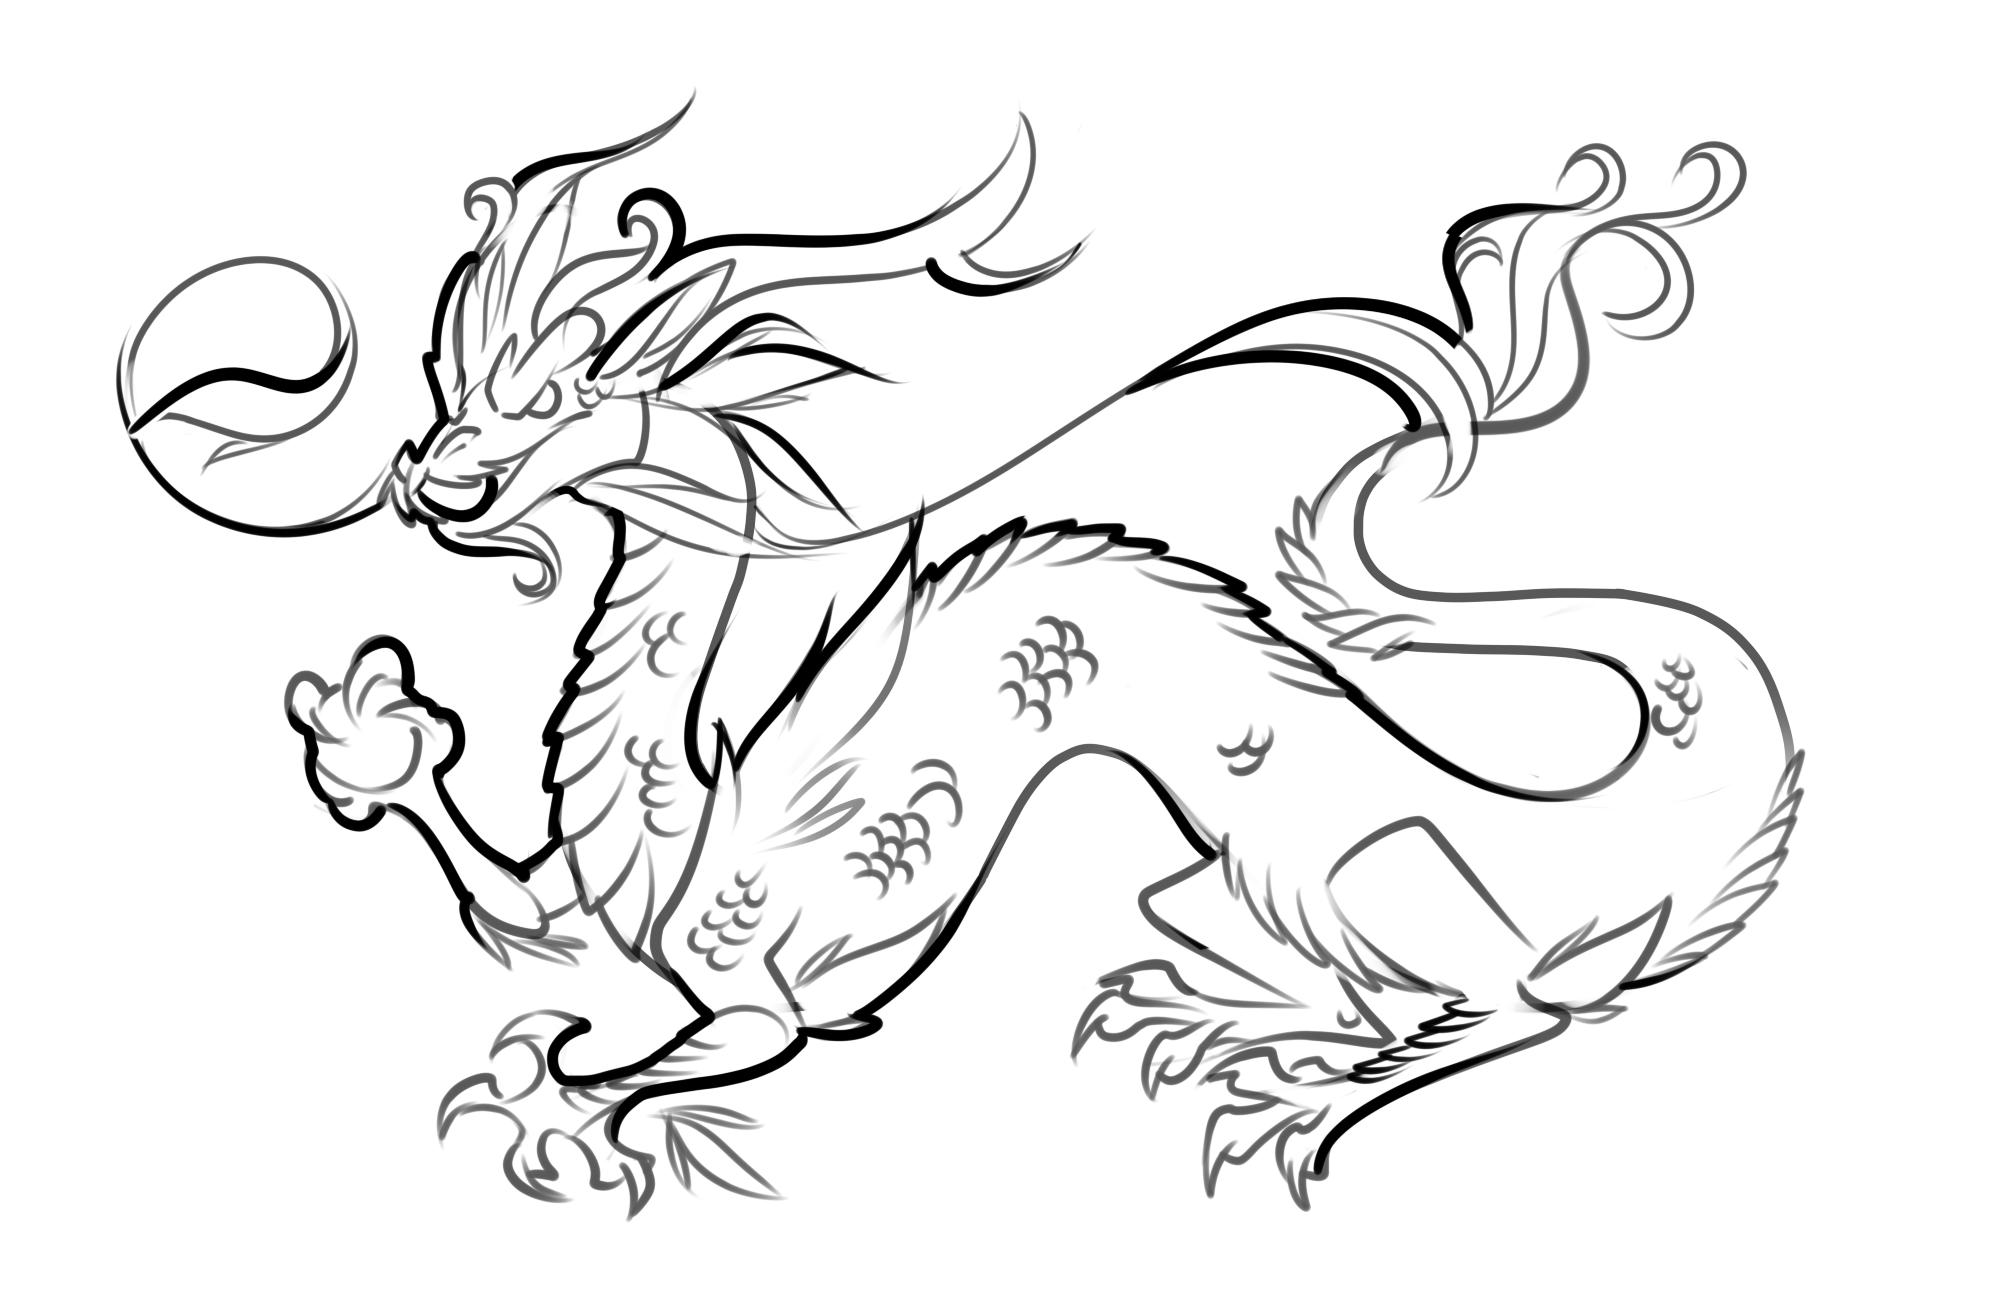 Ninjago Dragon Drawing at GetDrawings.com | Free for personal use ...